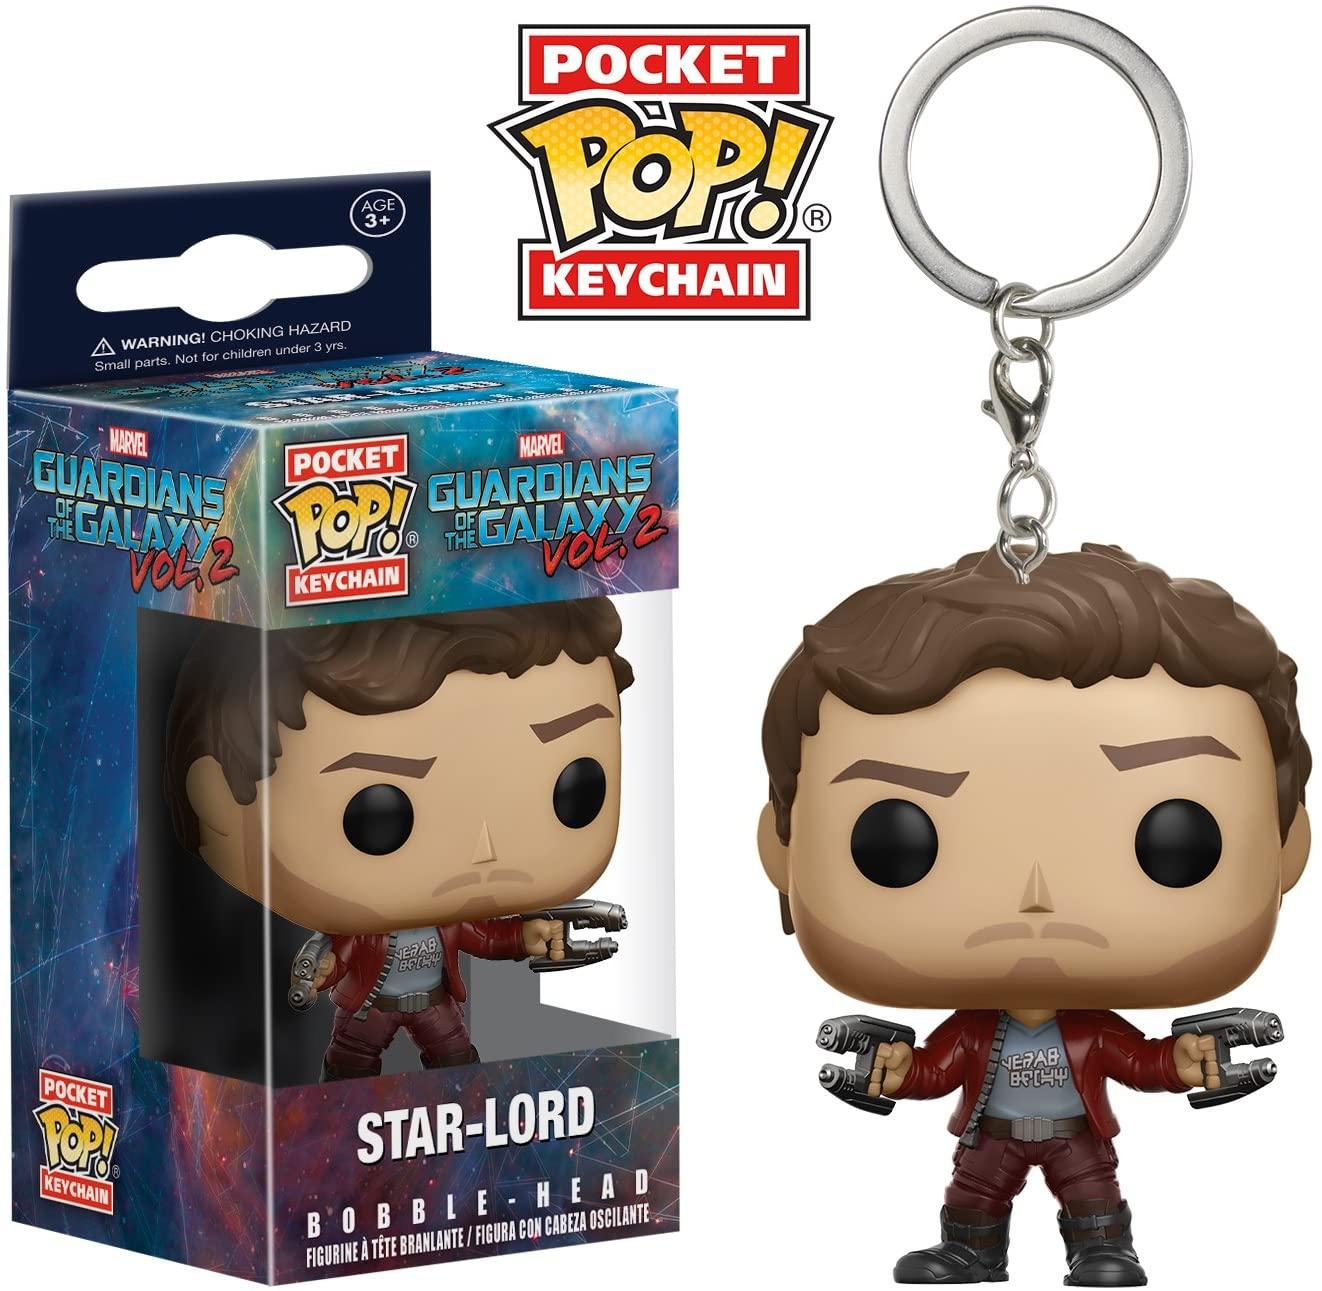 Guardiões Da Galáxia Pocket Pop! Keychain Star Lord Funko